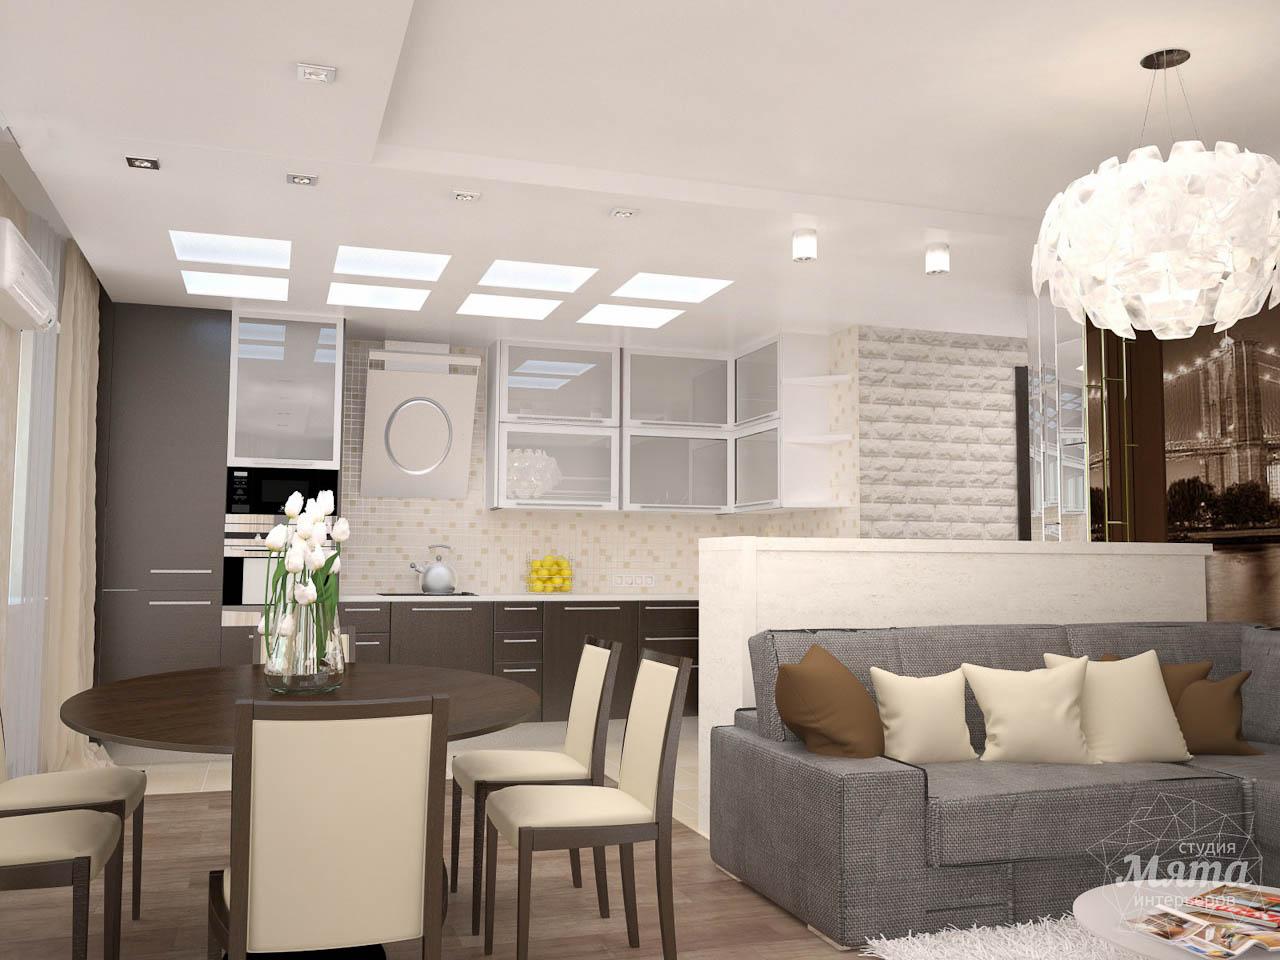 Дизайн интерьера трехкомнатной квартиры по ул. Белинского 222 img2077436676